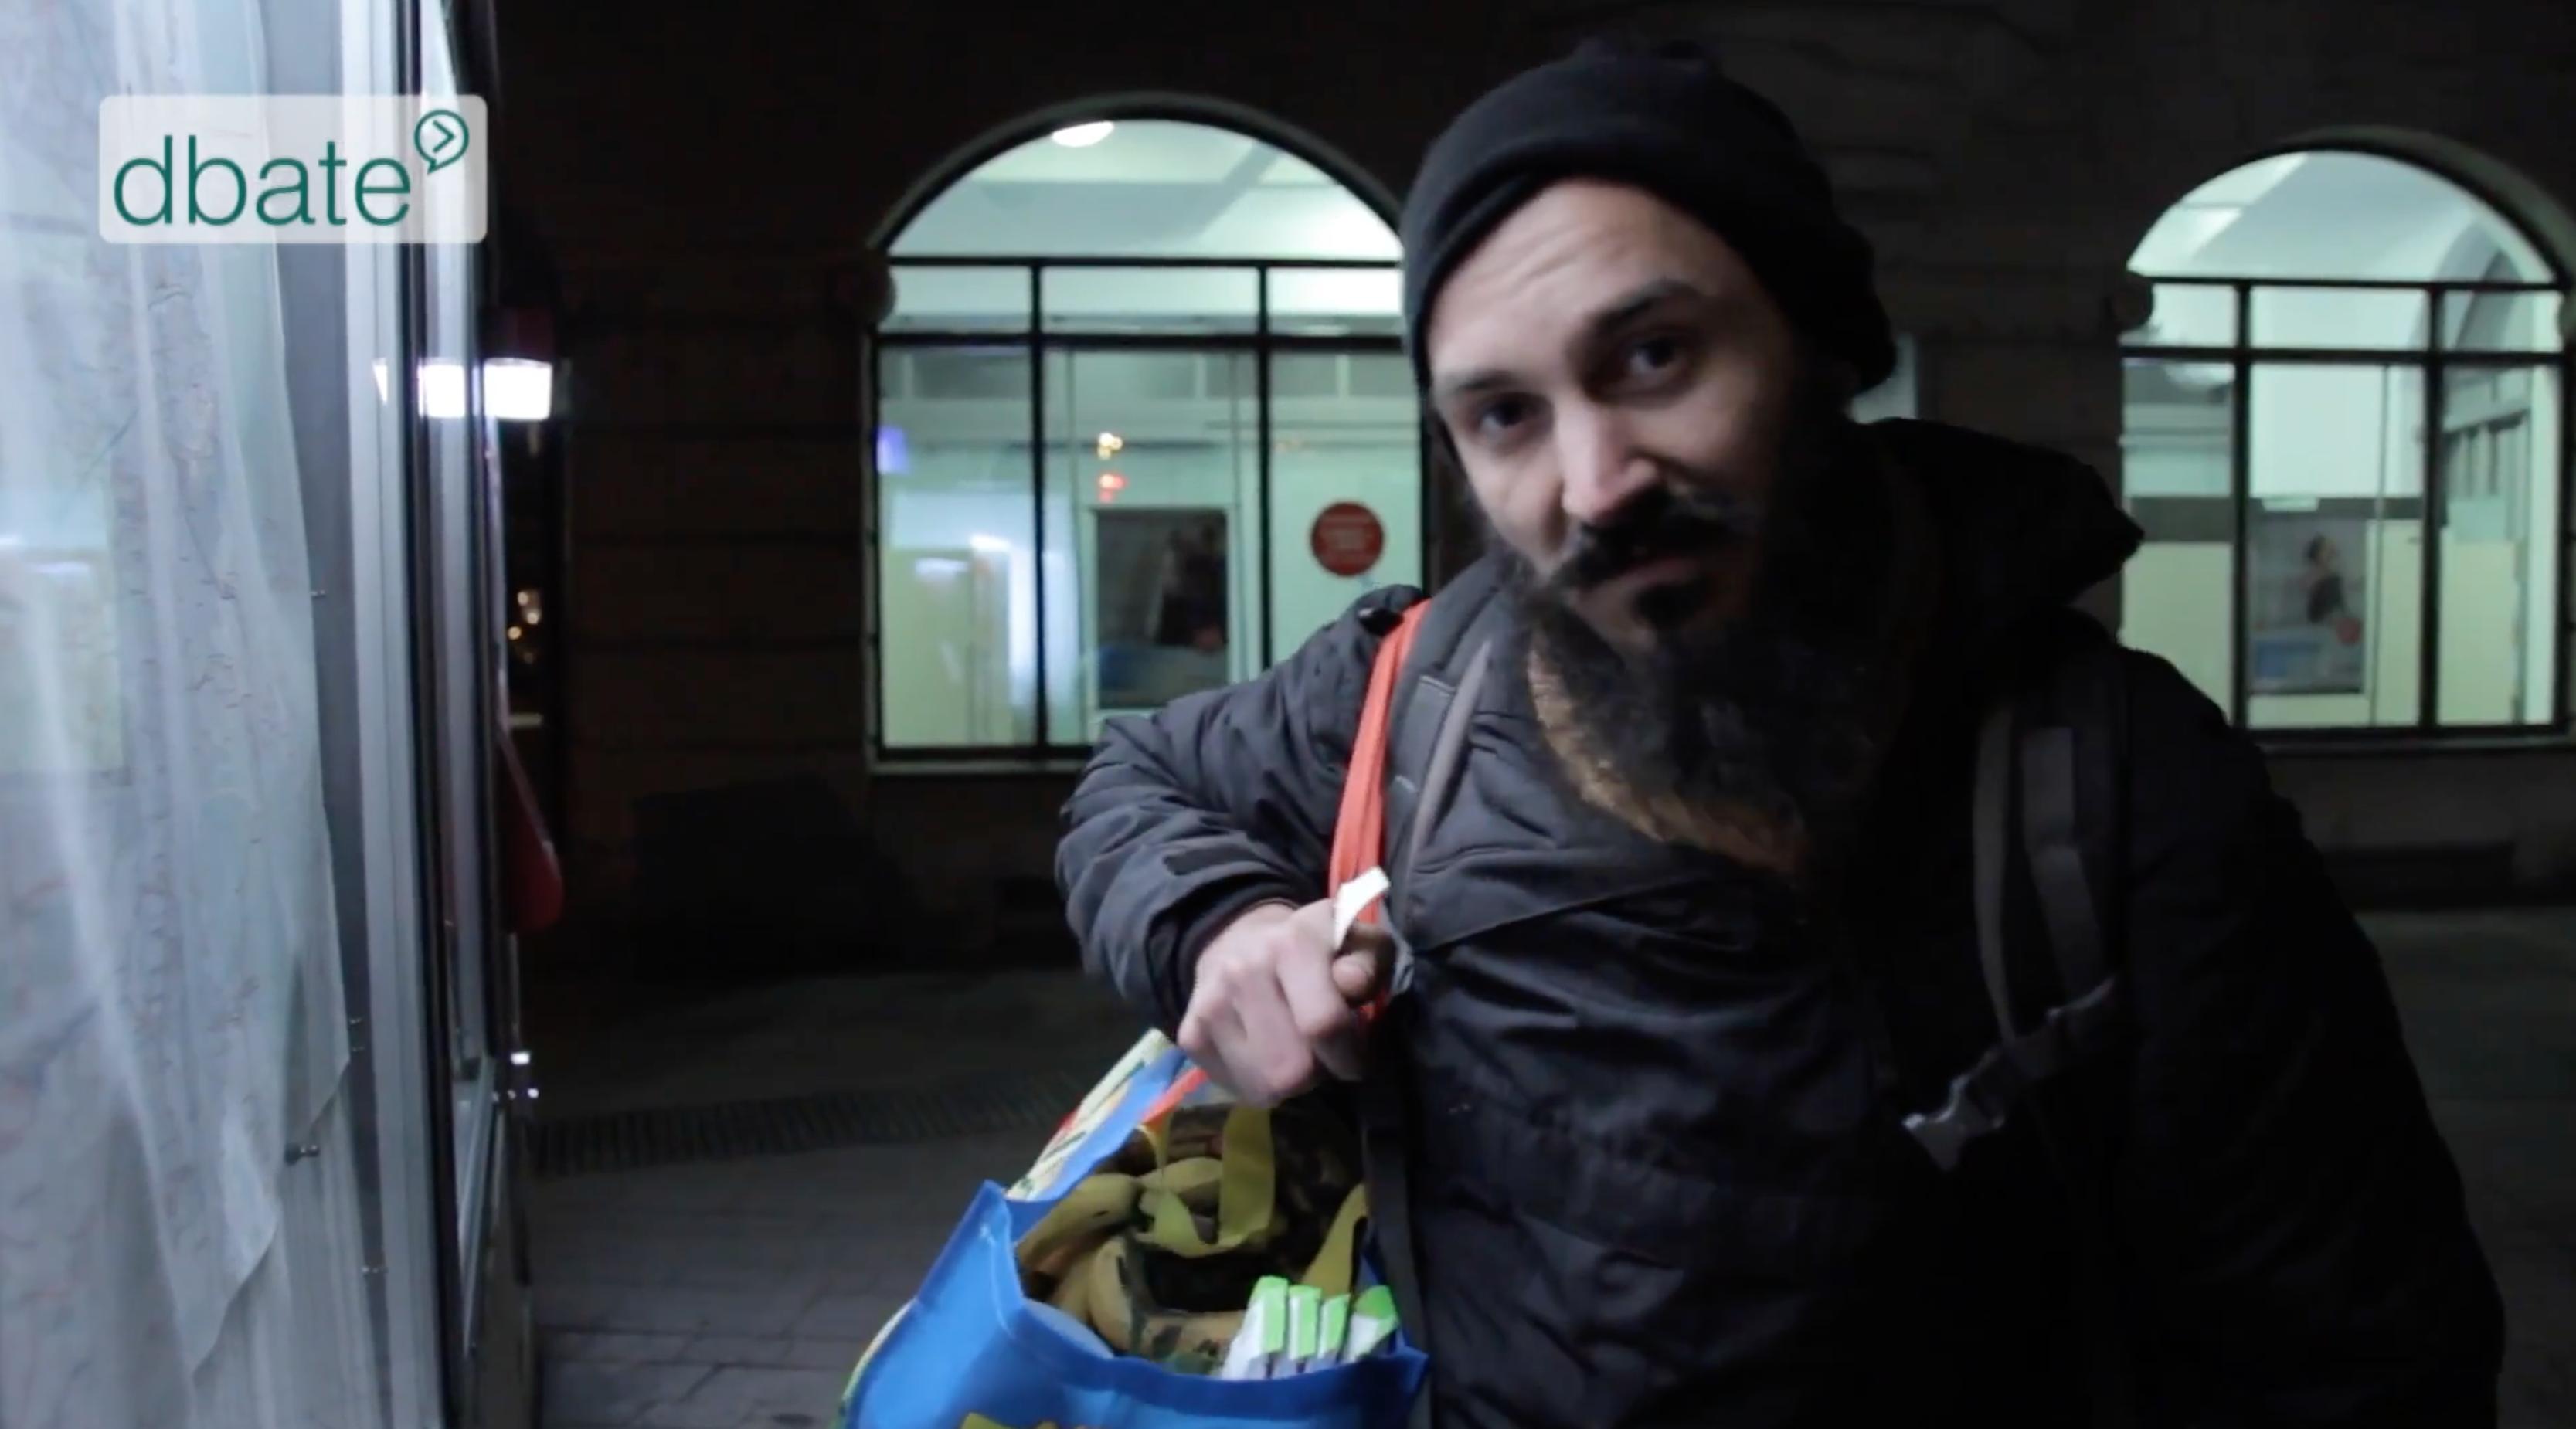 Alex Cio nach dem Containern in Nürnberg in einer Dokumentation von Dbateonline.de